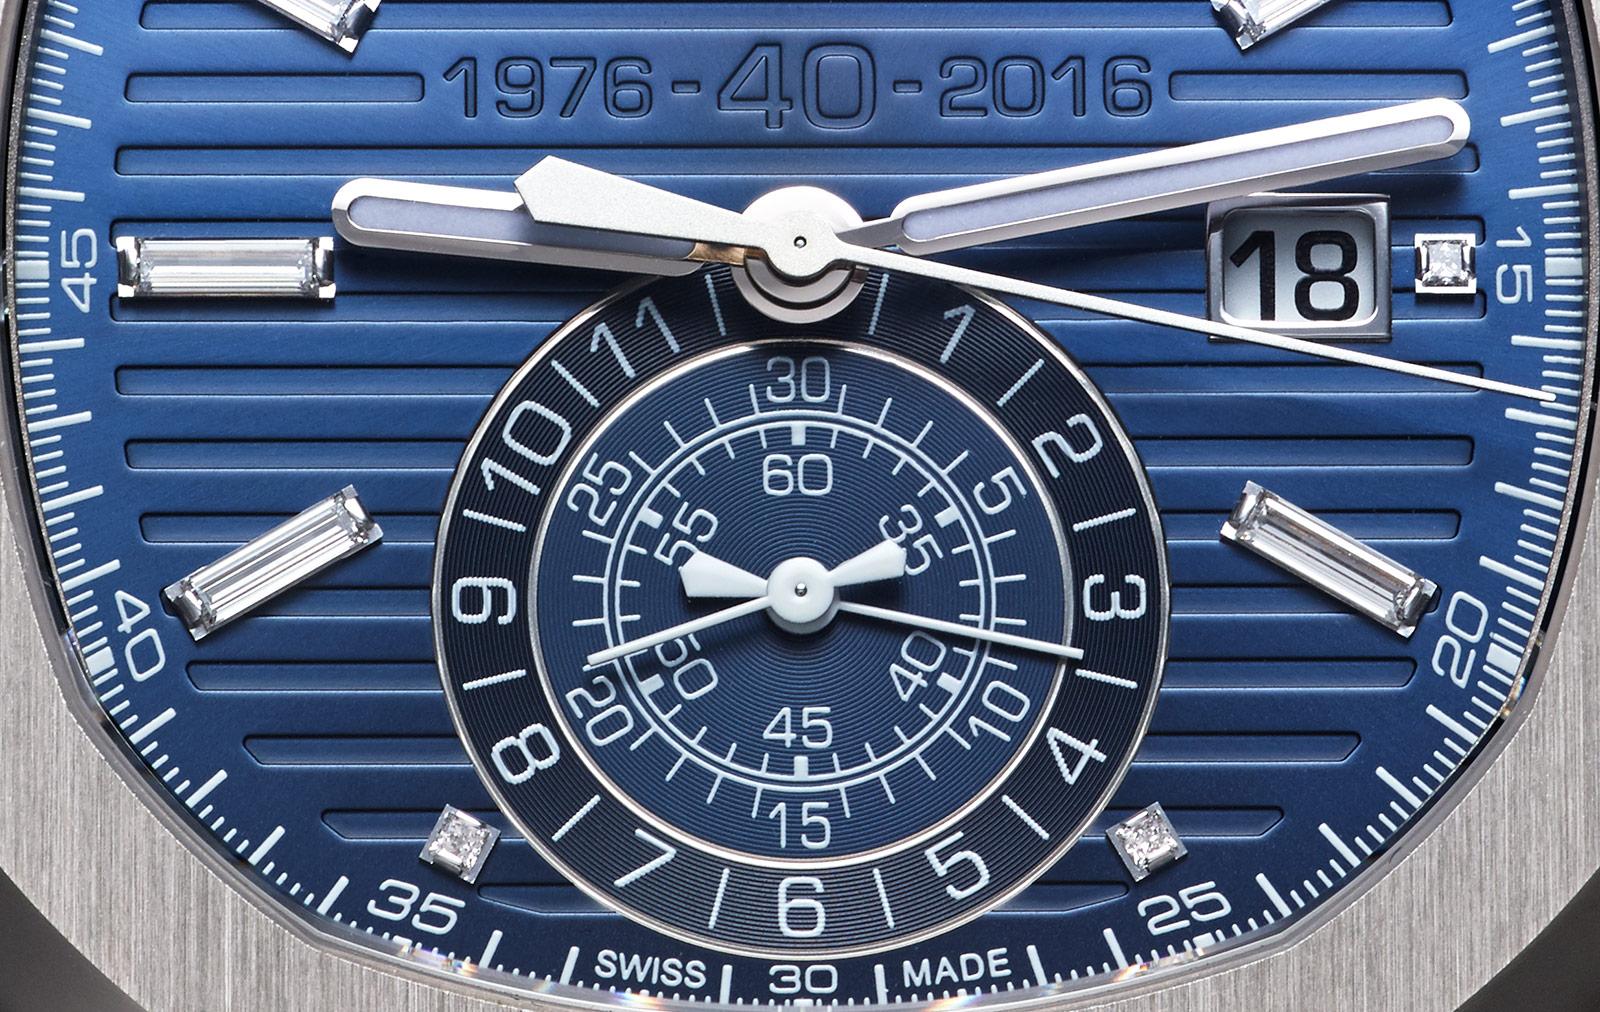 Patek Philippe Nautilus Chronograph Ref. 5976-1G 40th Anniversary 6